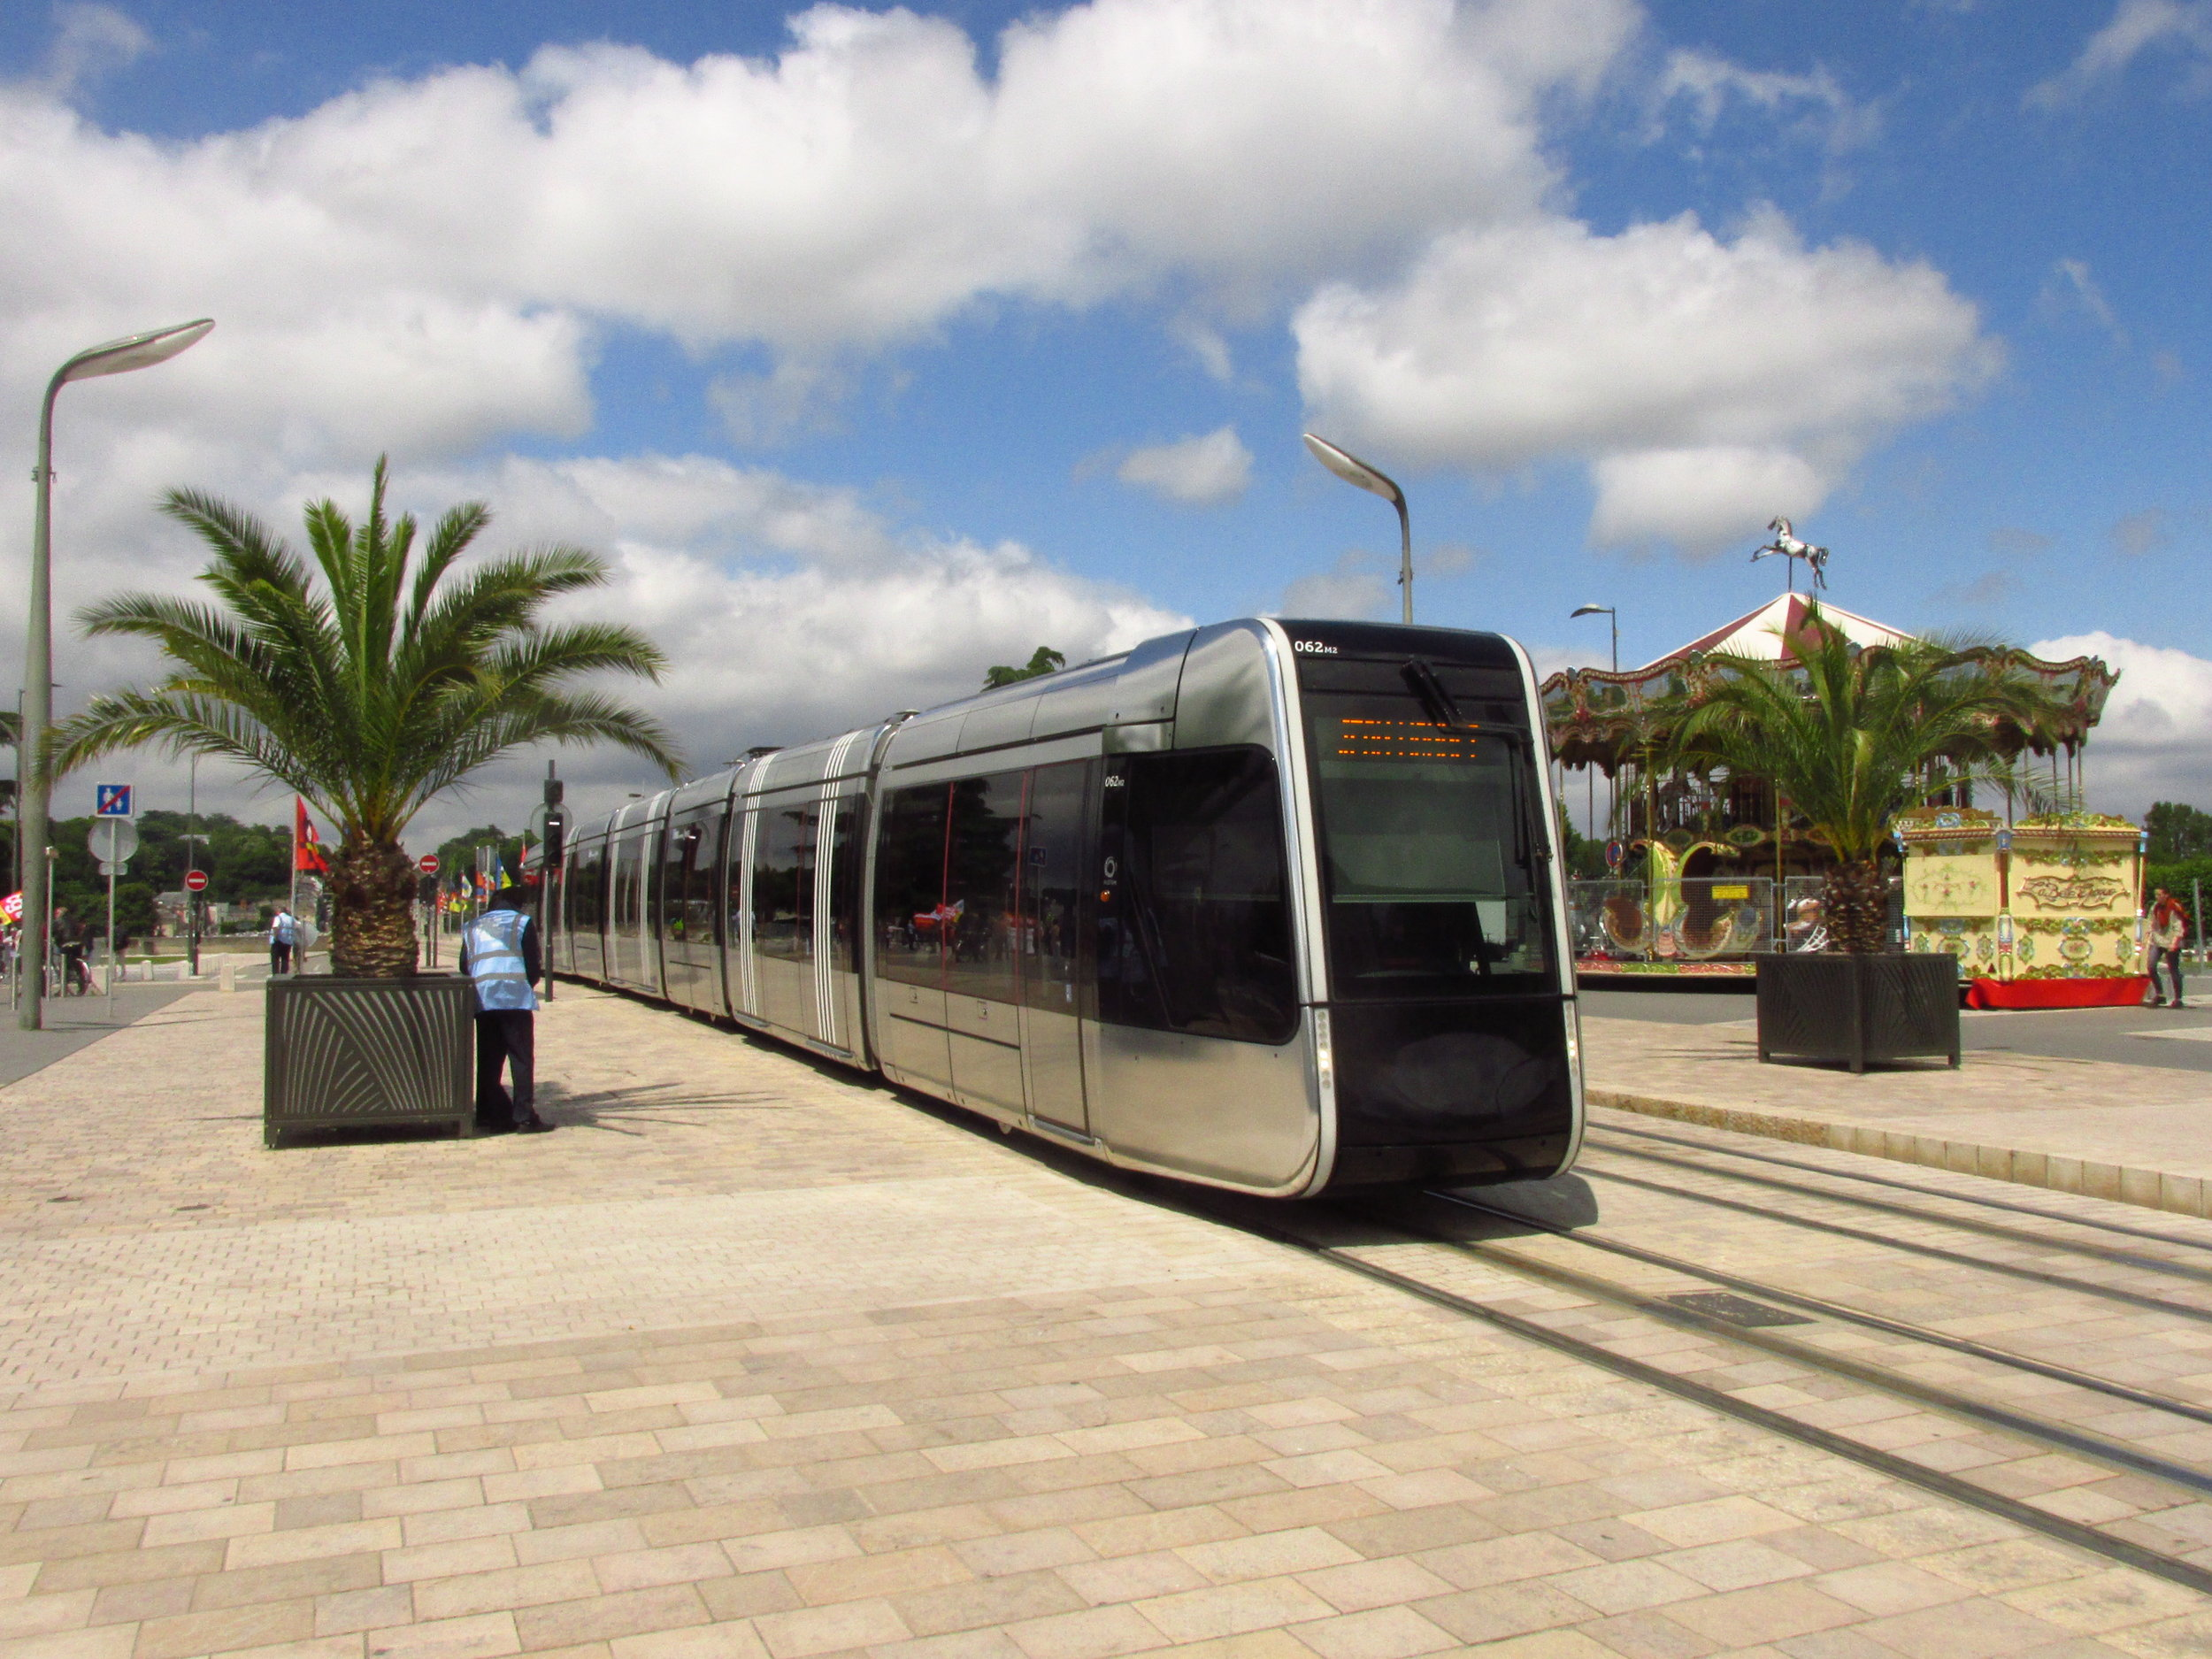 Slunce, palmy, tramvaj Alstom Citadis 402 a typický kolotoč pro děti. Idylka ve městě Tours. (foto: Ing. Filip Jiřík)